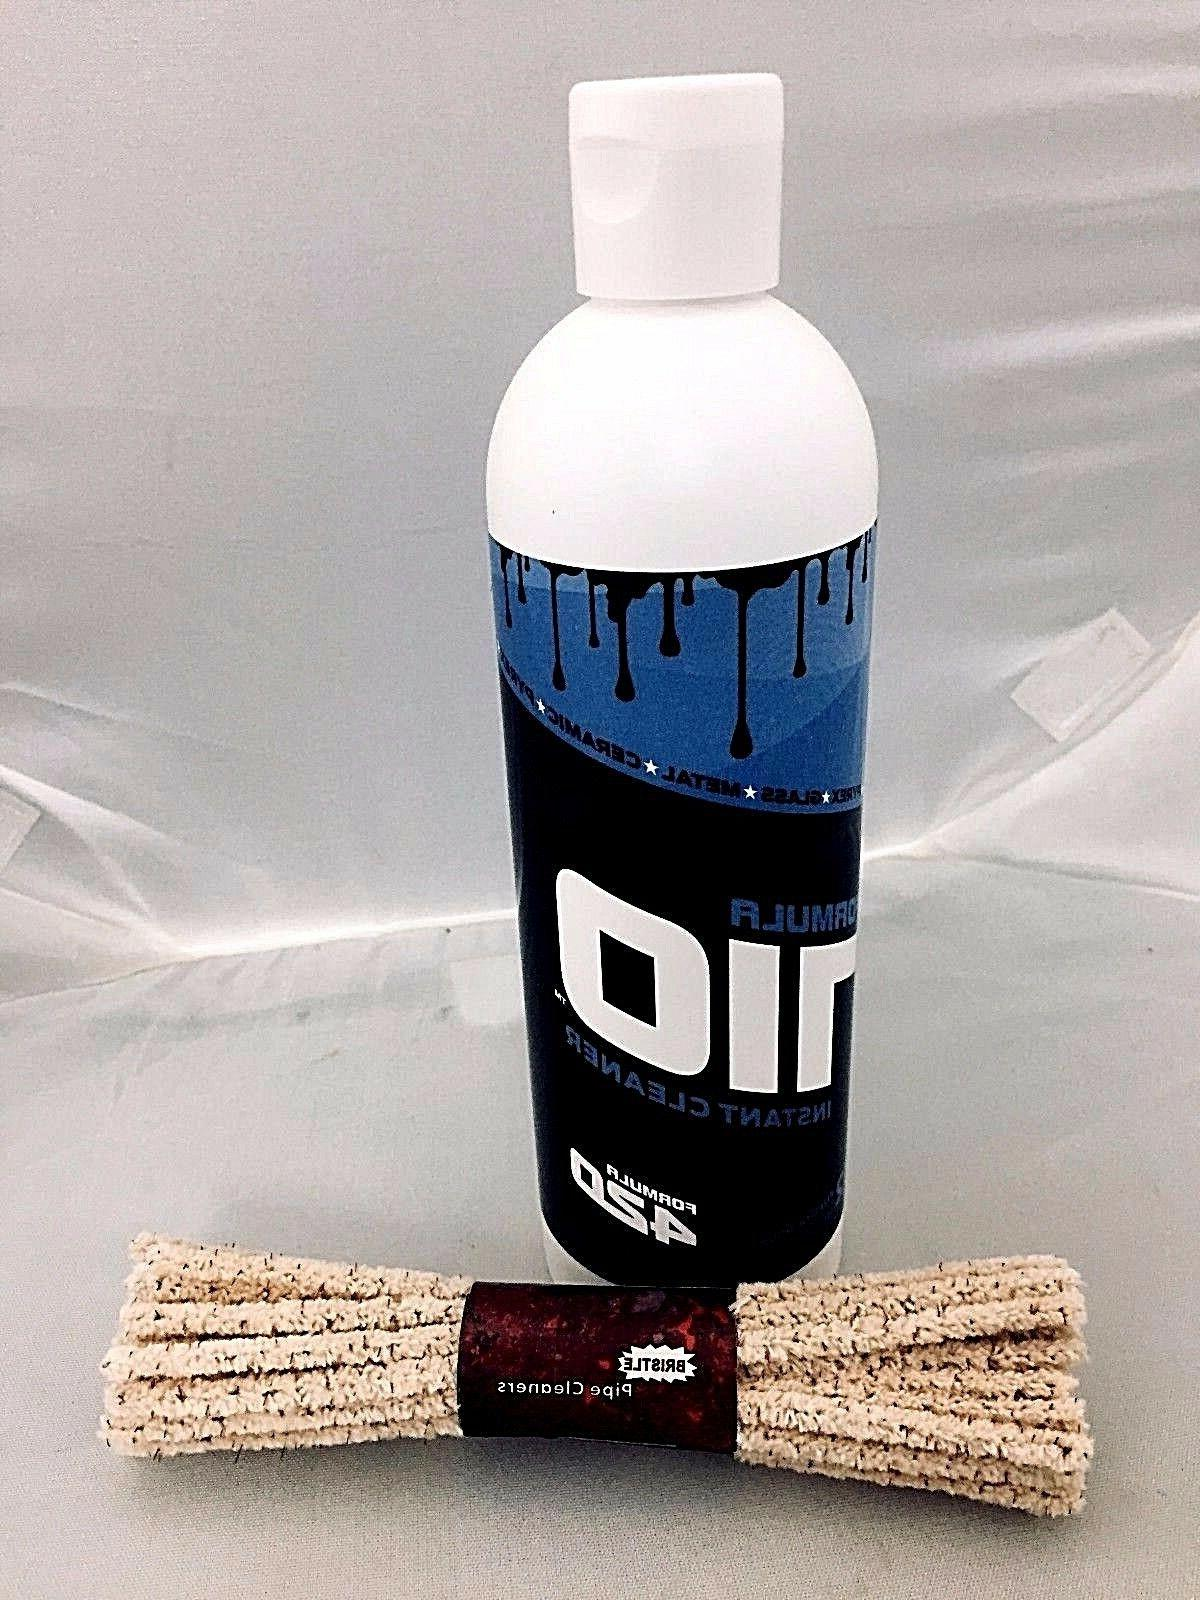 formula 710 instant cleaner 12 oz